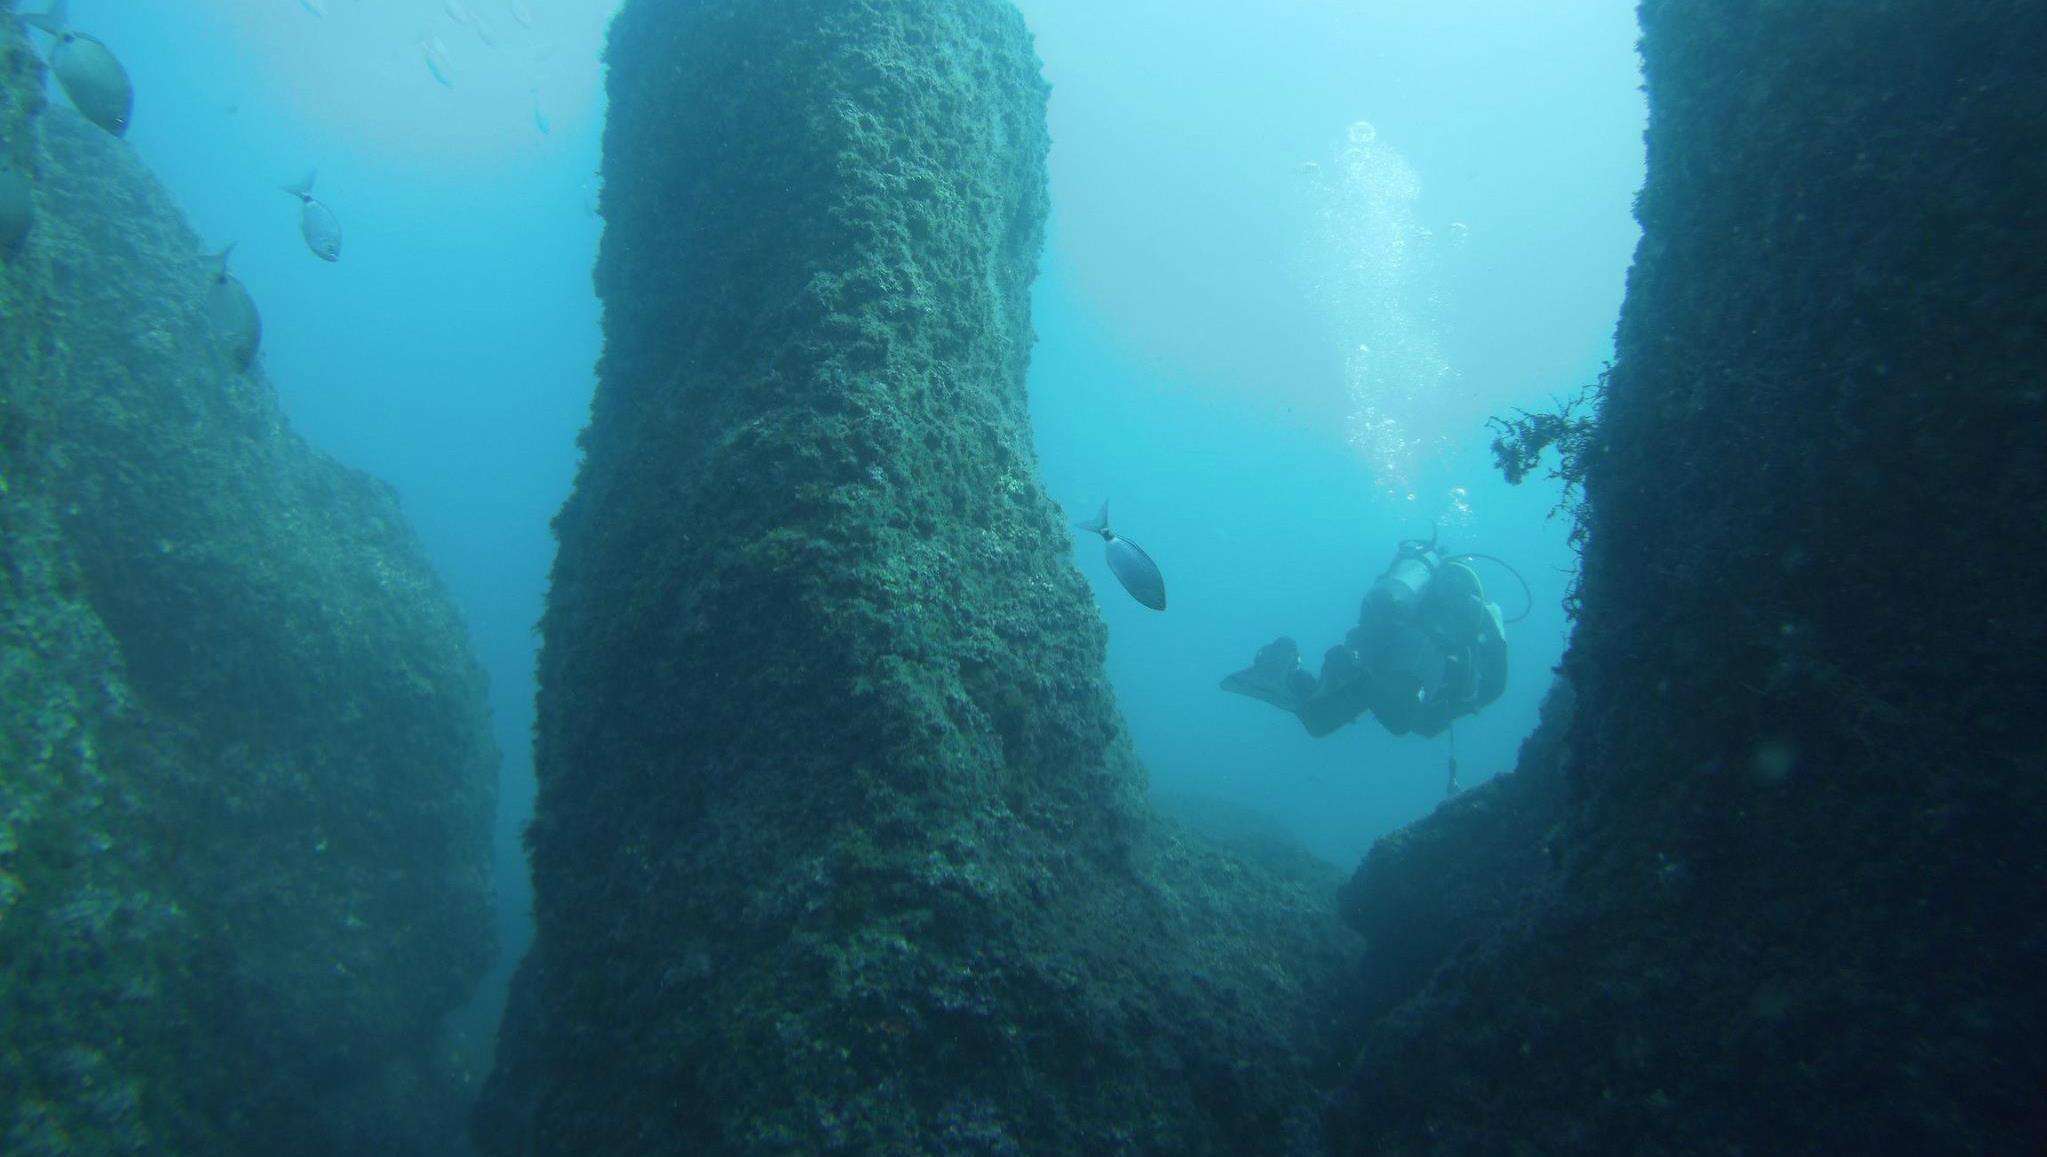 Scuba Diving - Guided Excursion near Lagos & Sagres